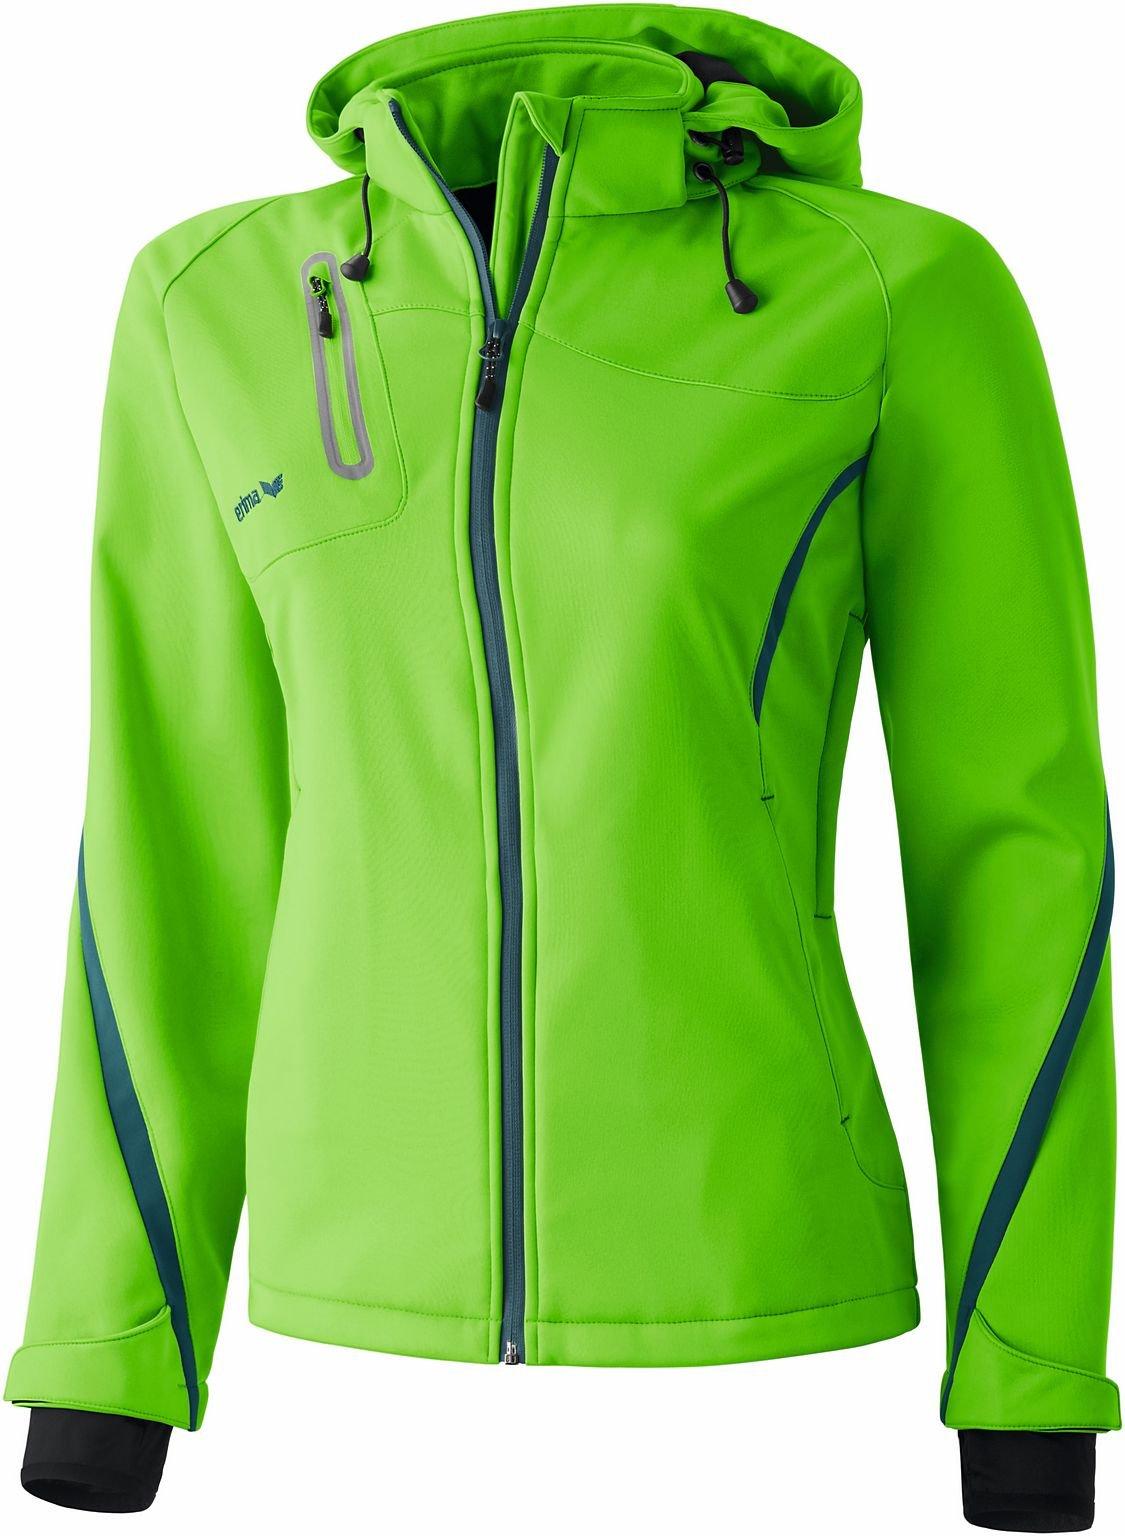 370e284689907 Am besten bewertete Produkte in der Kategorie Outdoor-Jacken für ...